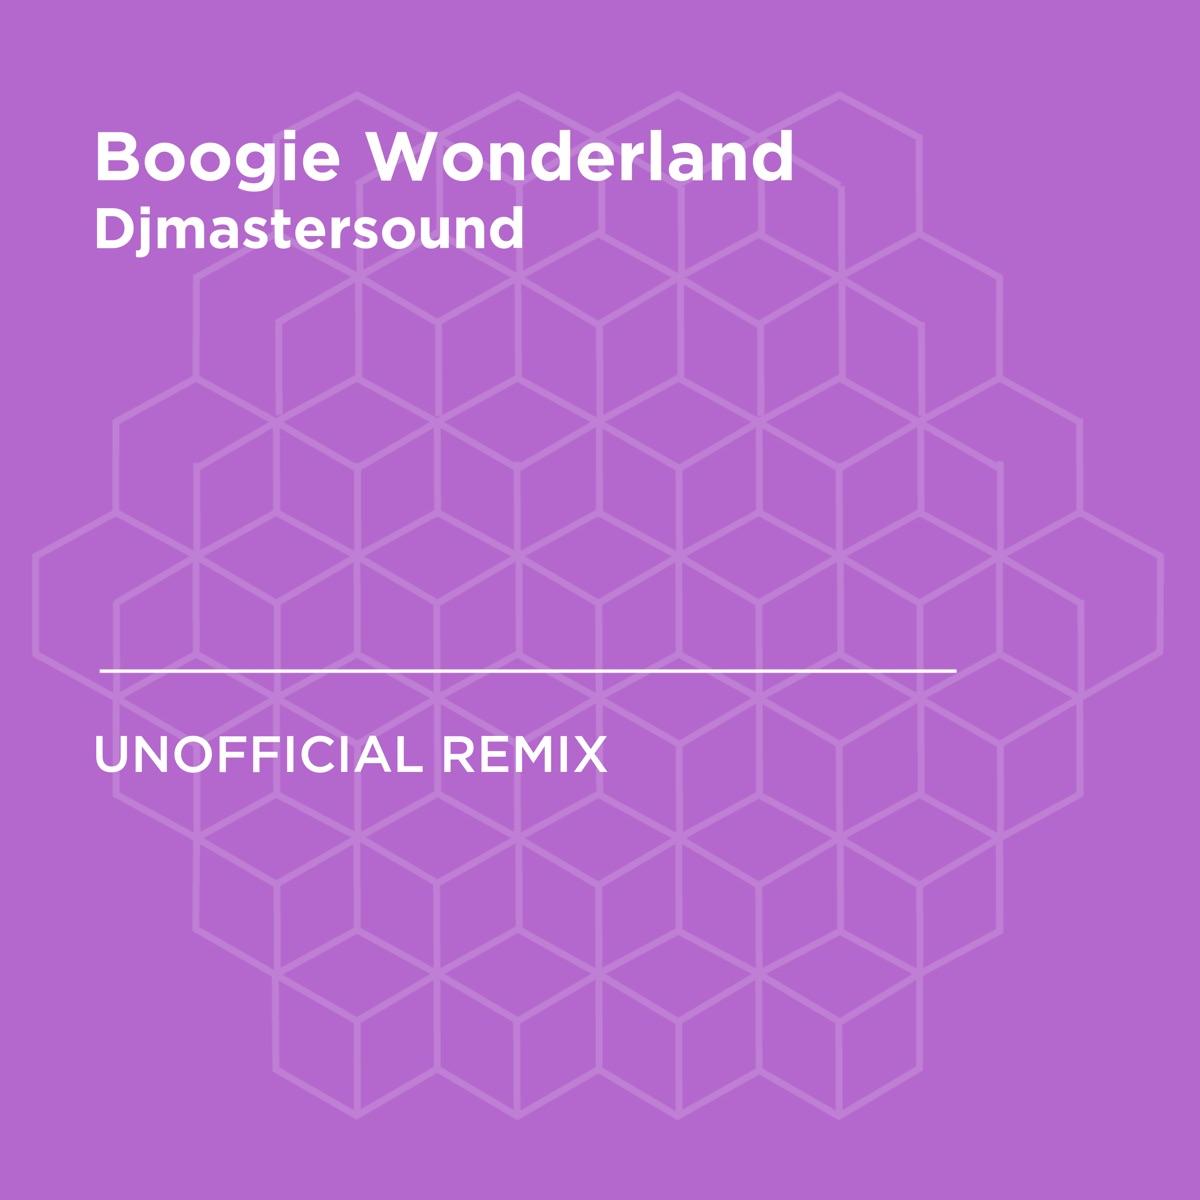 Boogie Wonderland Album Cover by Djmastersound